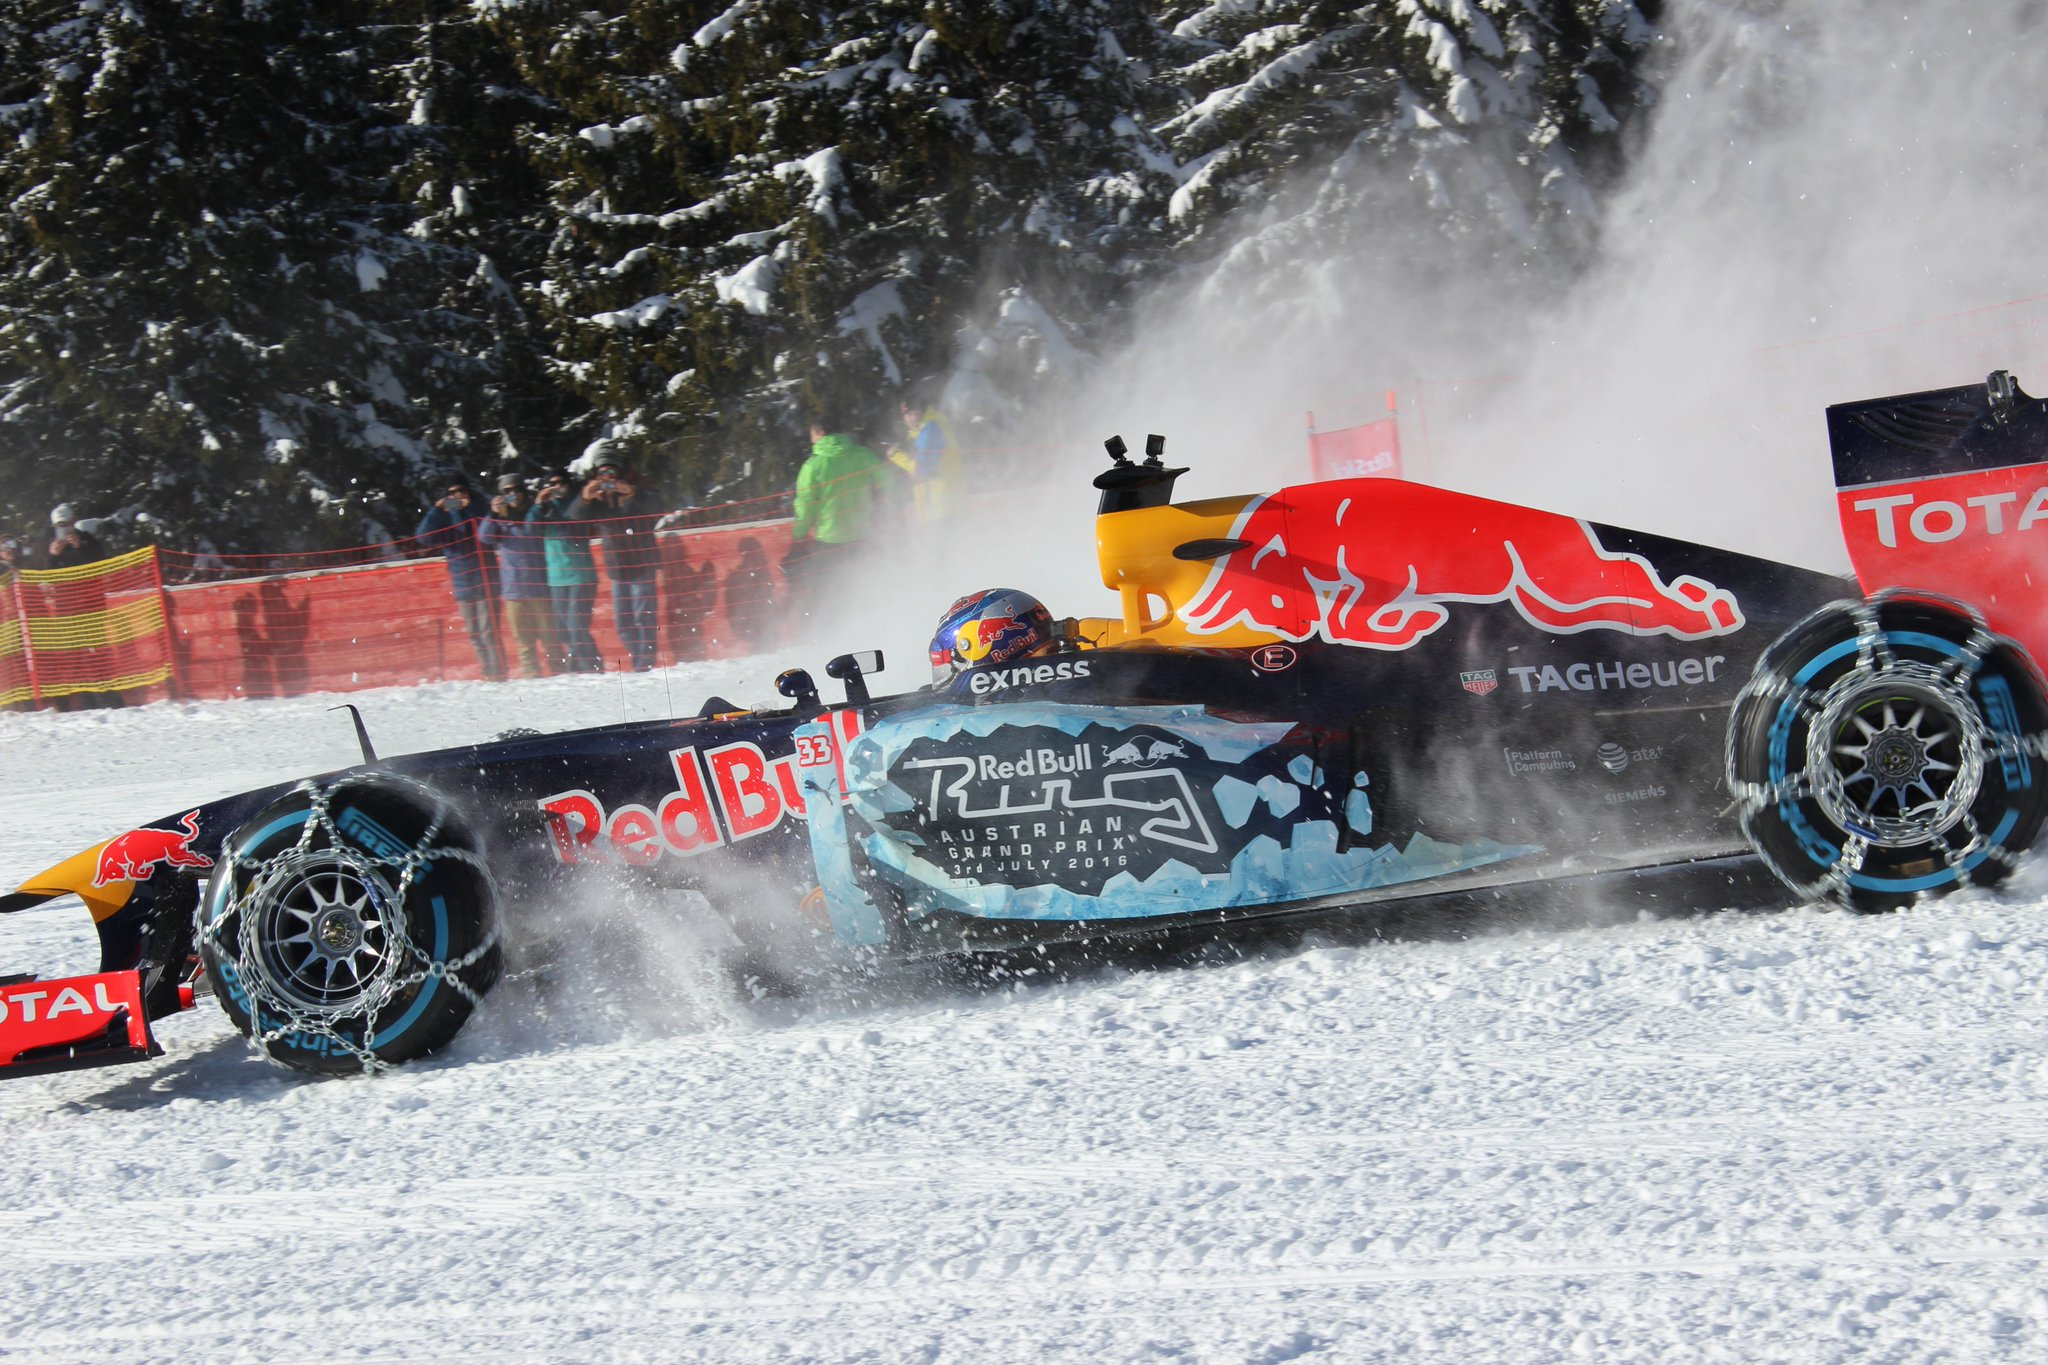 Formel 1 Showrun am #Hahnenkamm #Kitzbühel https://t.co/fyxOwcRLM8